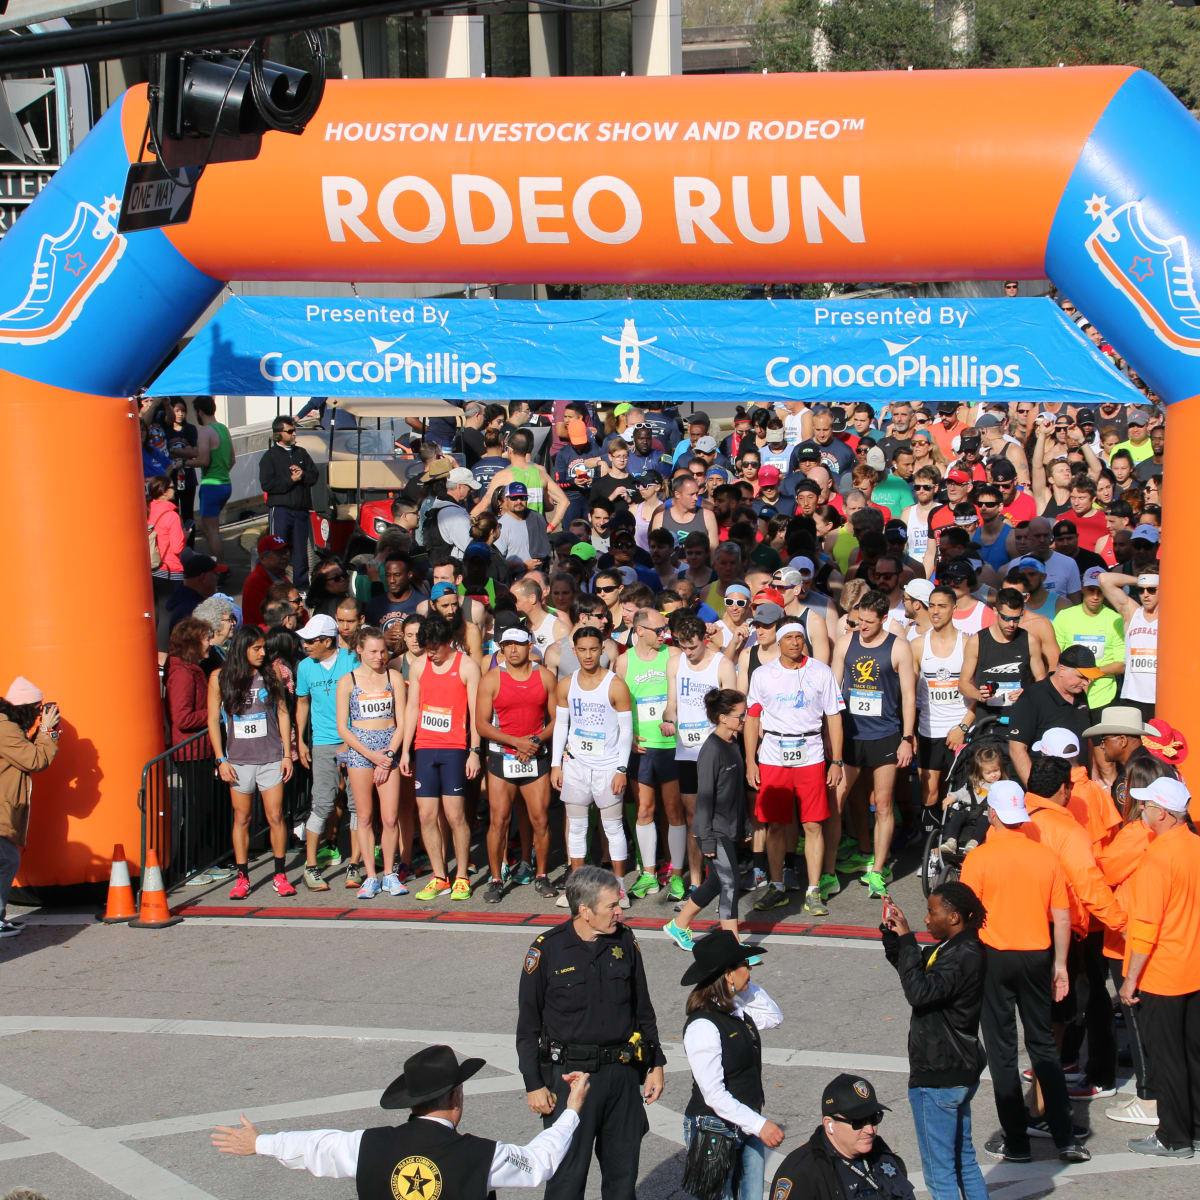 ConocoPhillips presents 2017 Rodeo Run